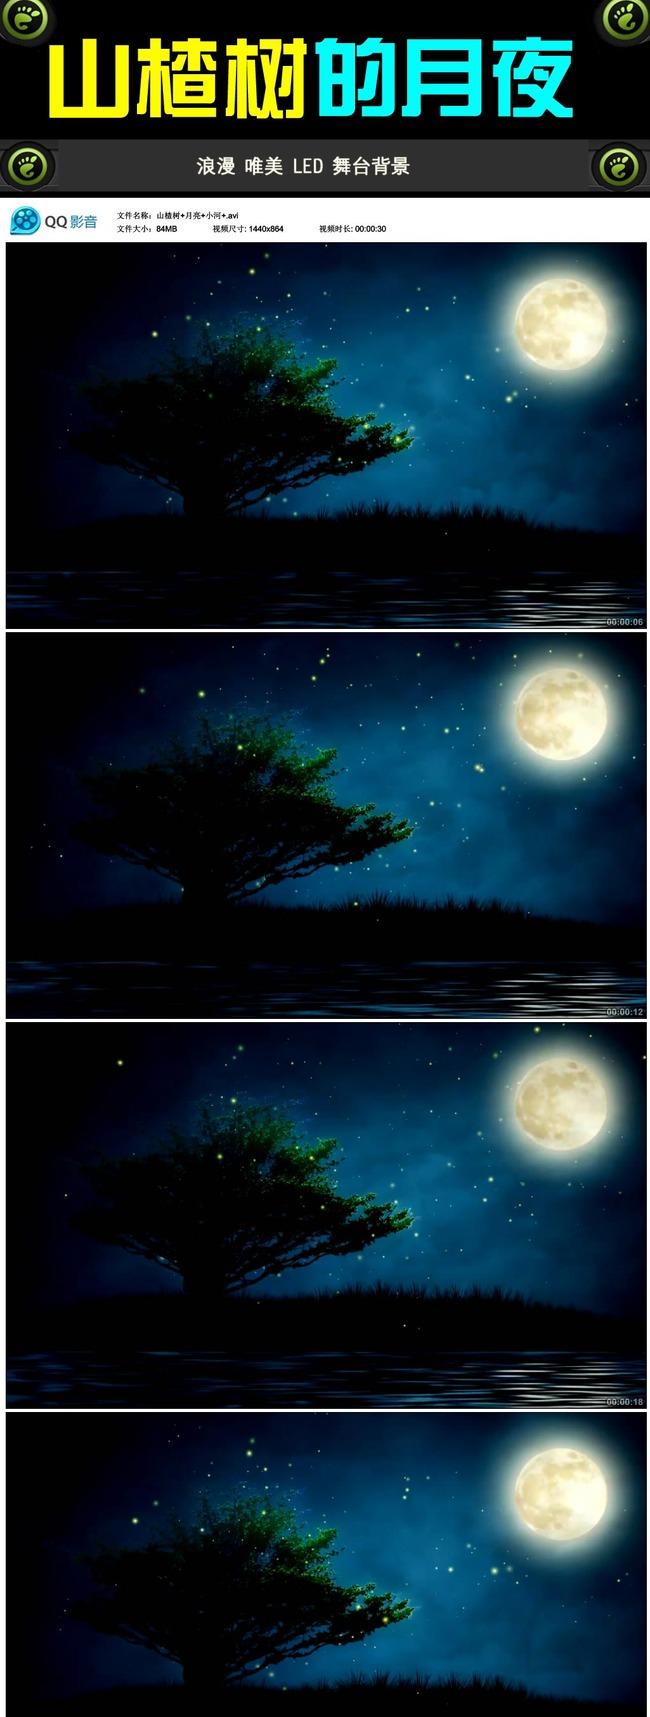 唯美山楂树月光萤火虫led动态背景视频